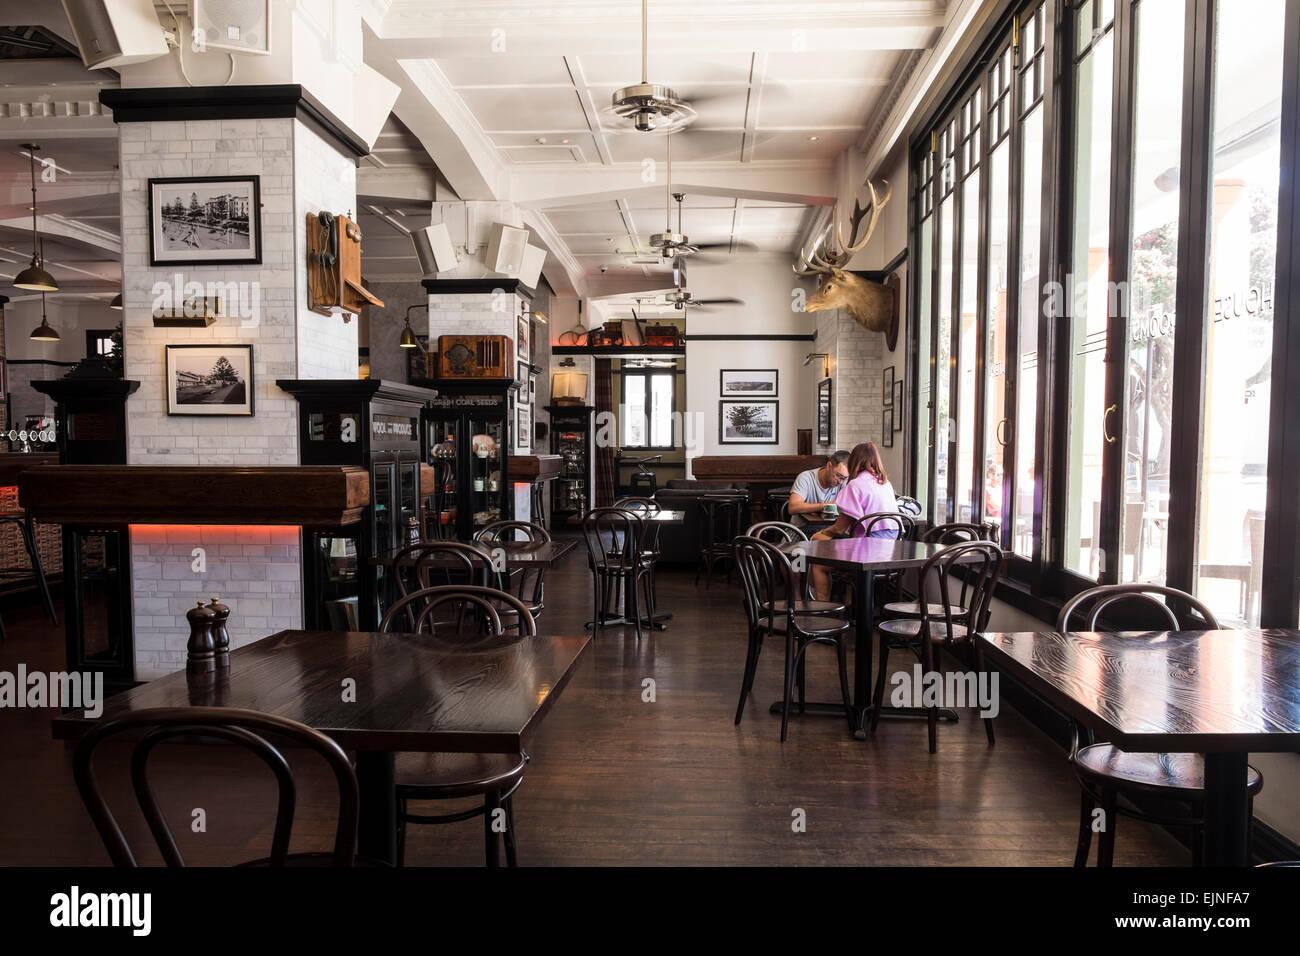 Die freimaurer hotel interieur der bar restaurant bereich mit alten